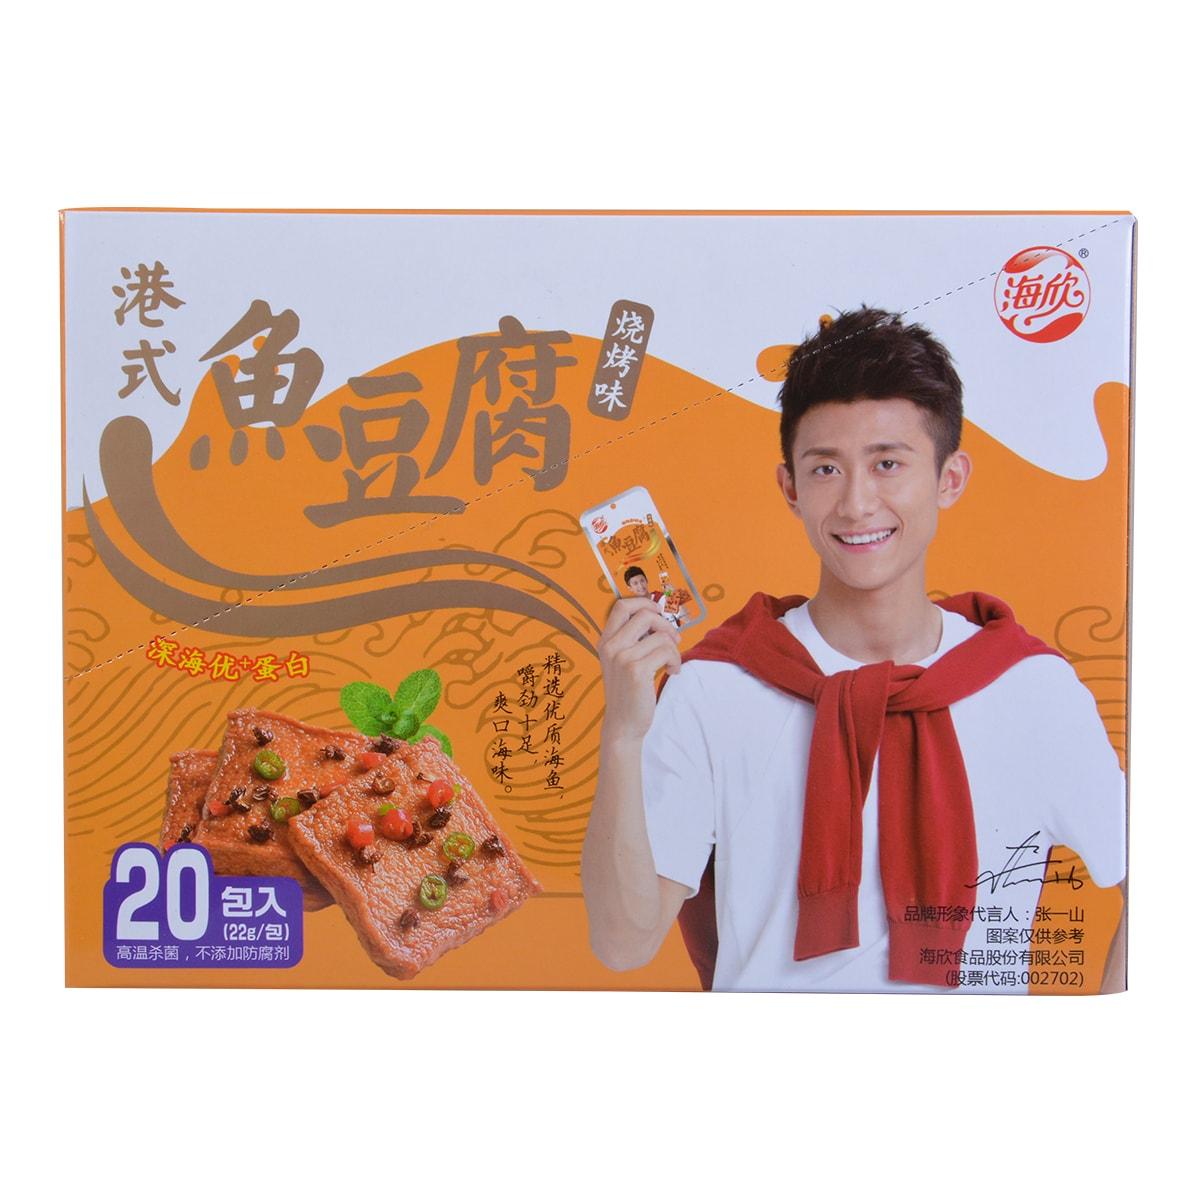 海欣 鱼豆腐 烧烤味 400g (不同包装随机发无赠品)